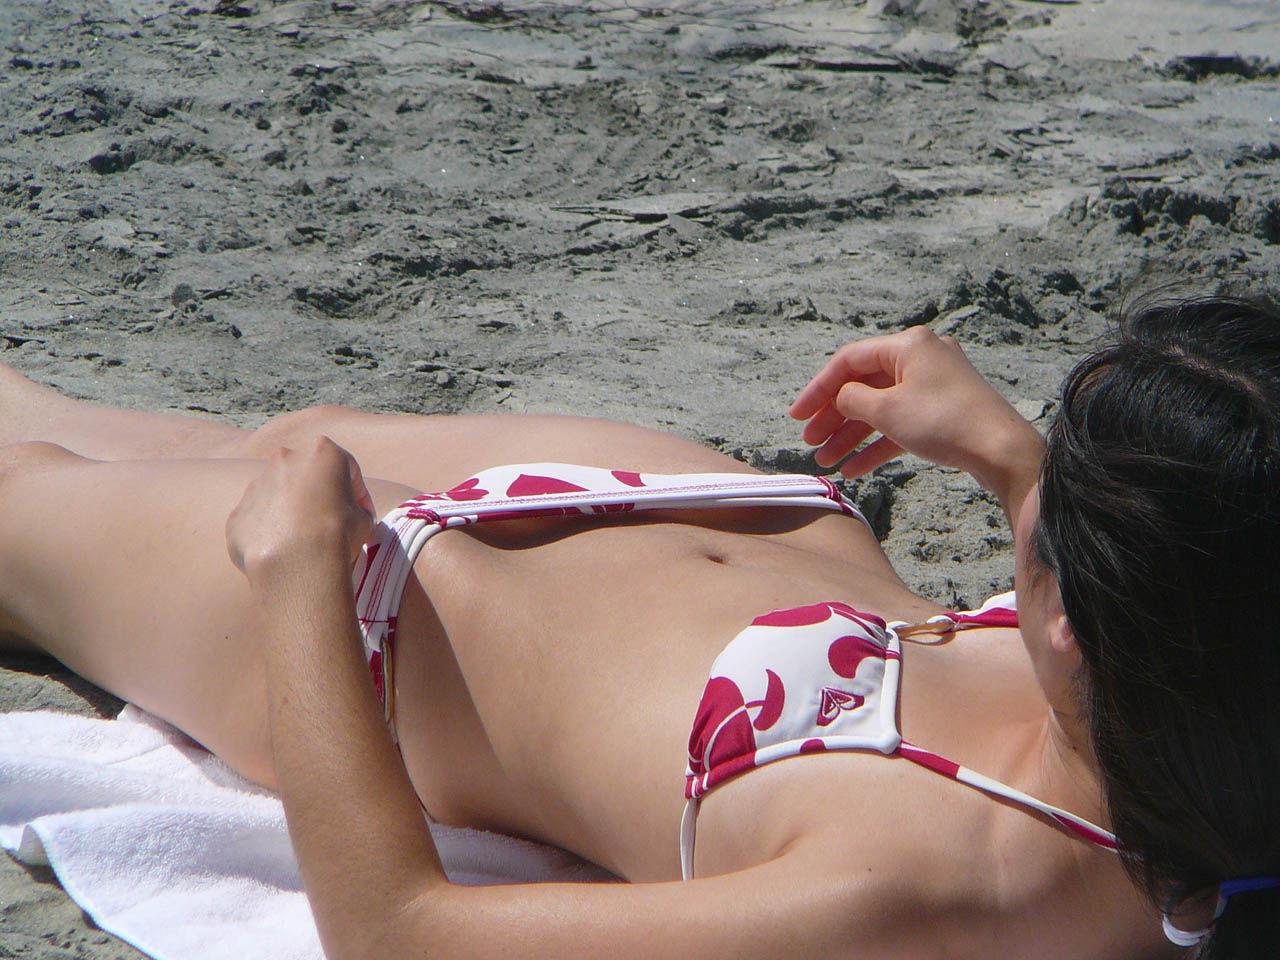 Фото как отдыхают русские женщины 17 фотография